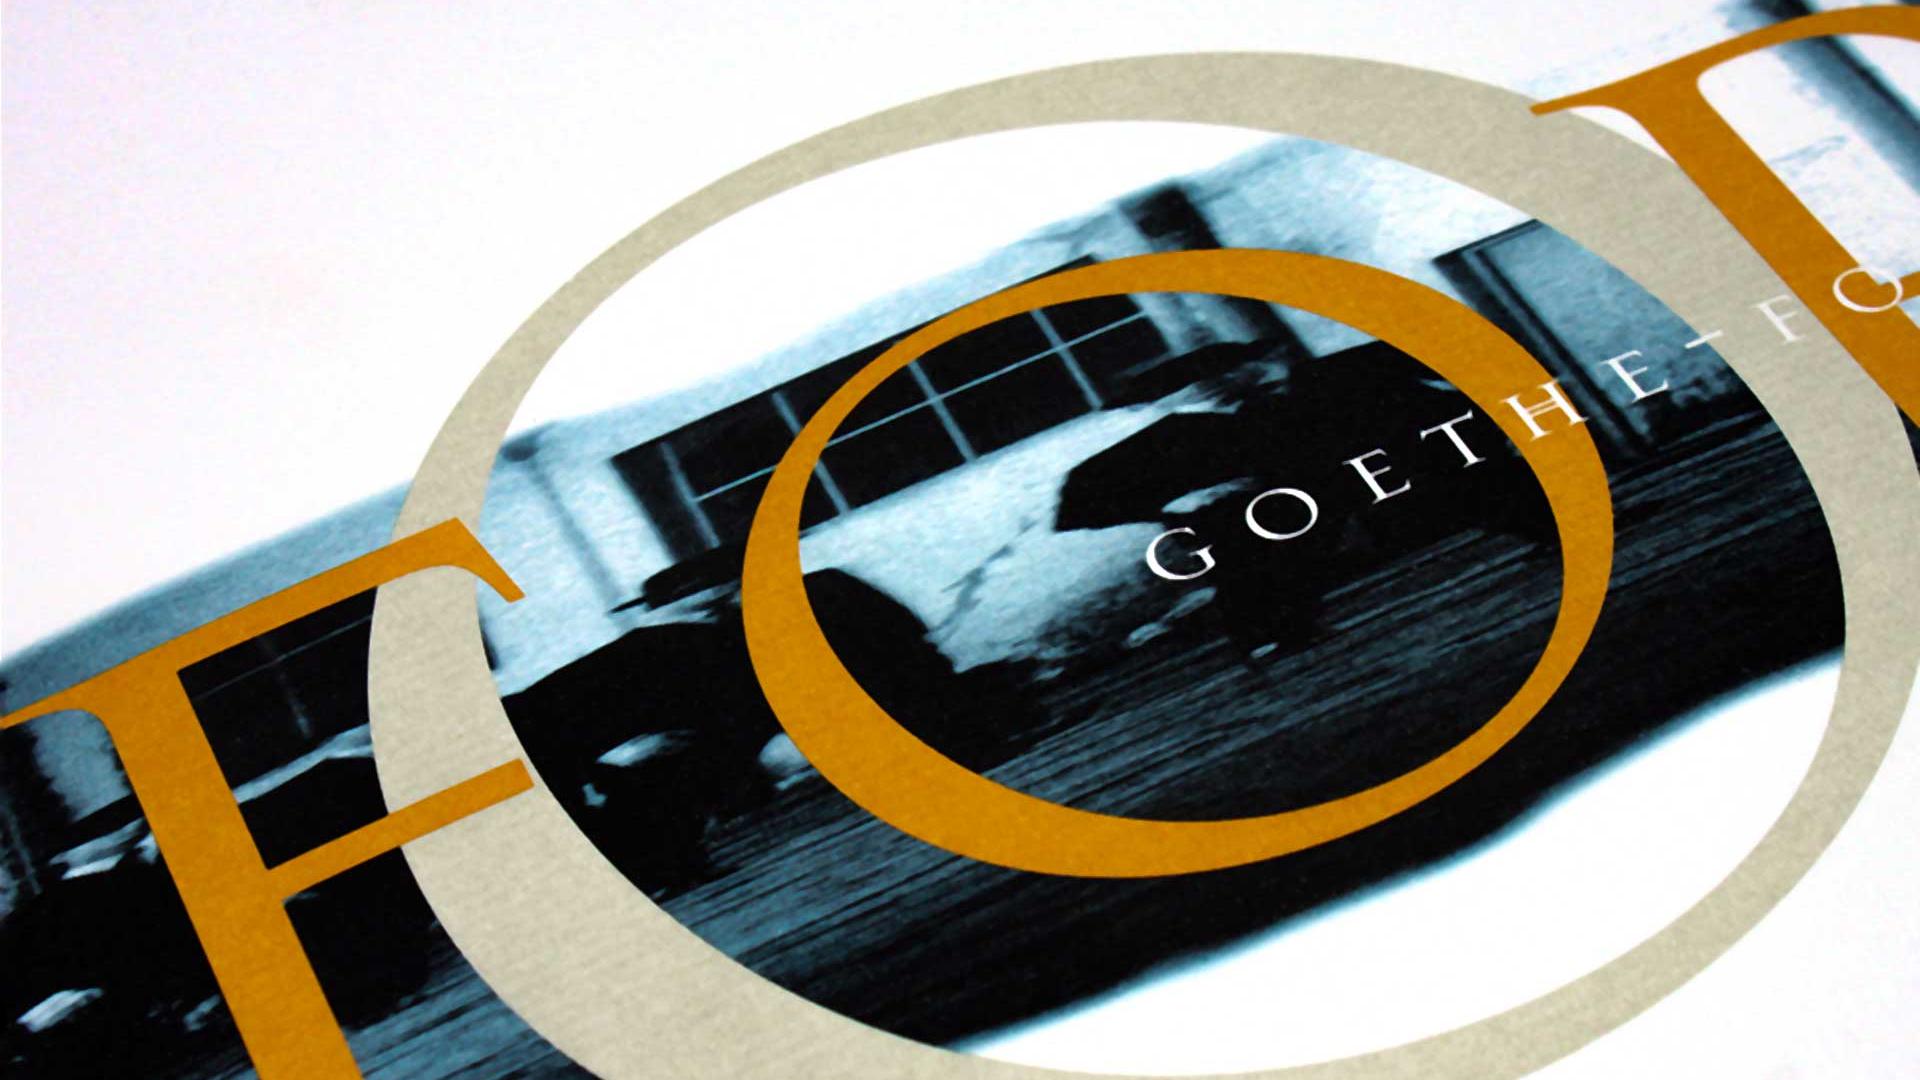 Das Goethe-Institut stellt vom 10. September bis 31. Oktober 2001 in der Zentralverwaltung in München Arbeiten des Grafikers Wolfgang Beinert aus, die er für das weltweit tätige Kulturinstitut der Bundesrepublik Deutschland gestaltet hat.